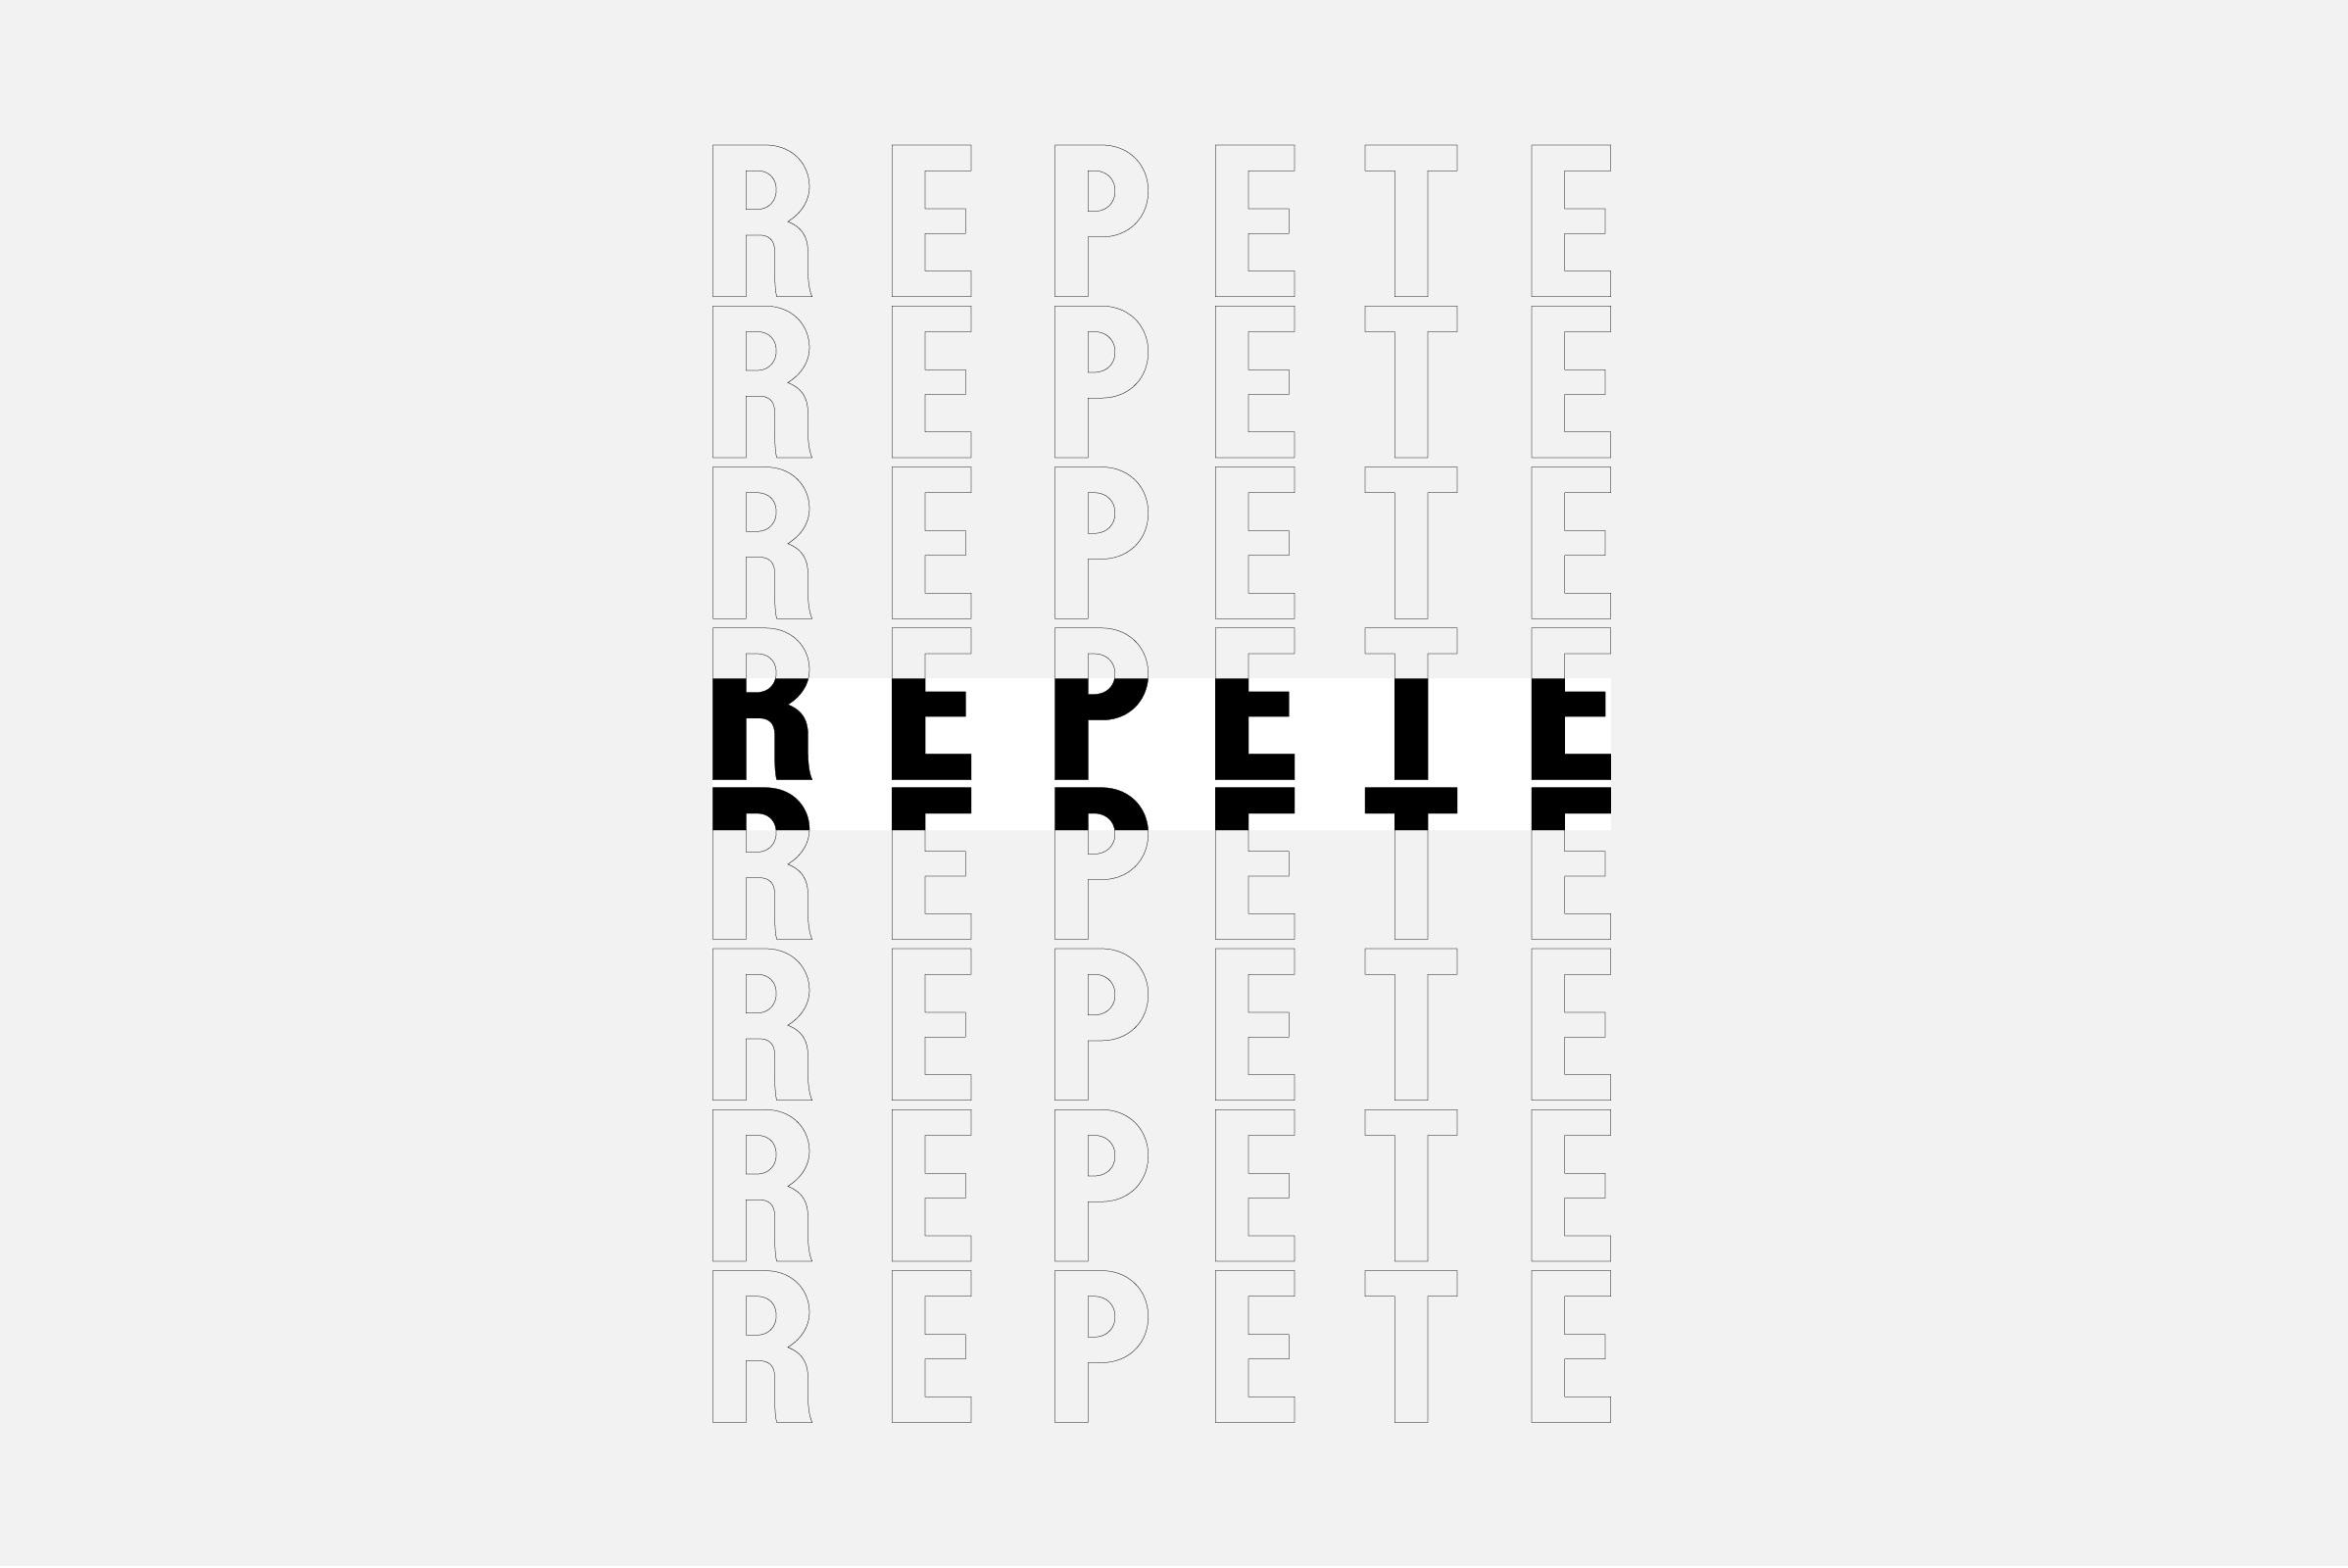 Repete_CI_clanek_2